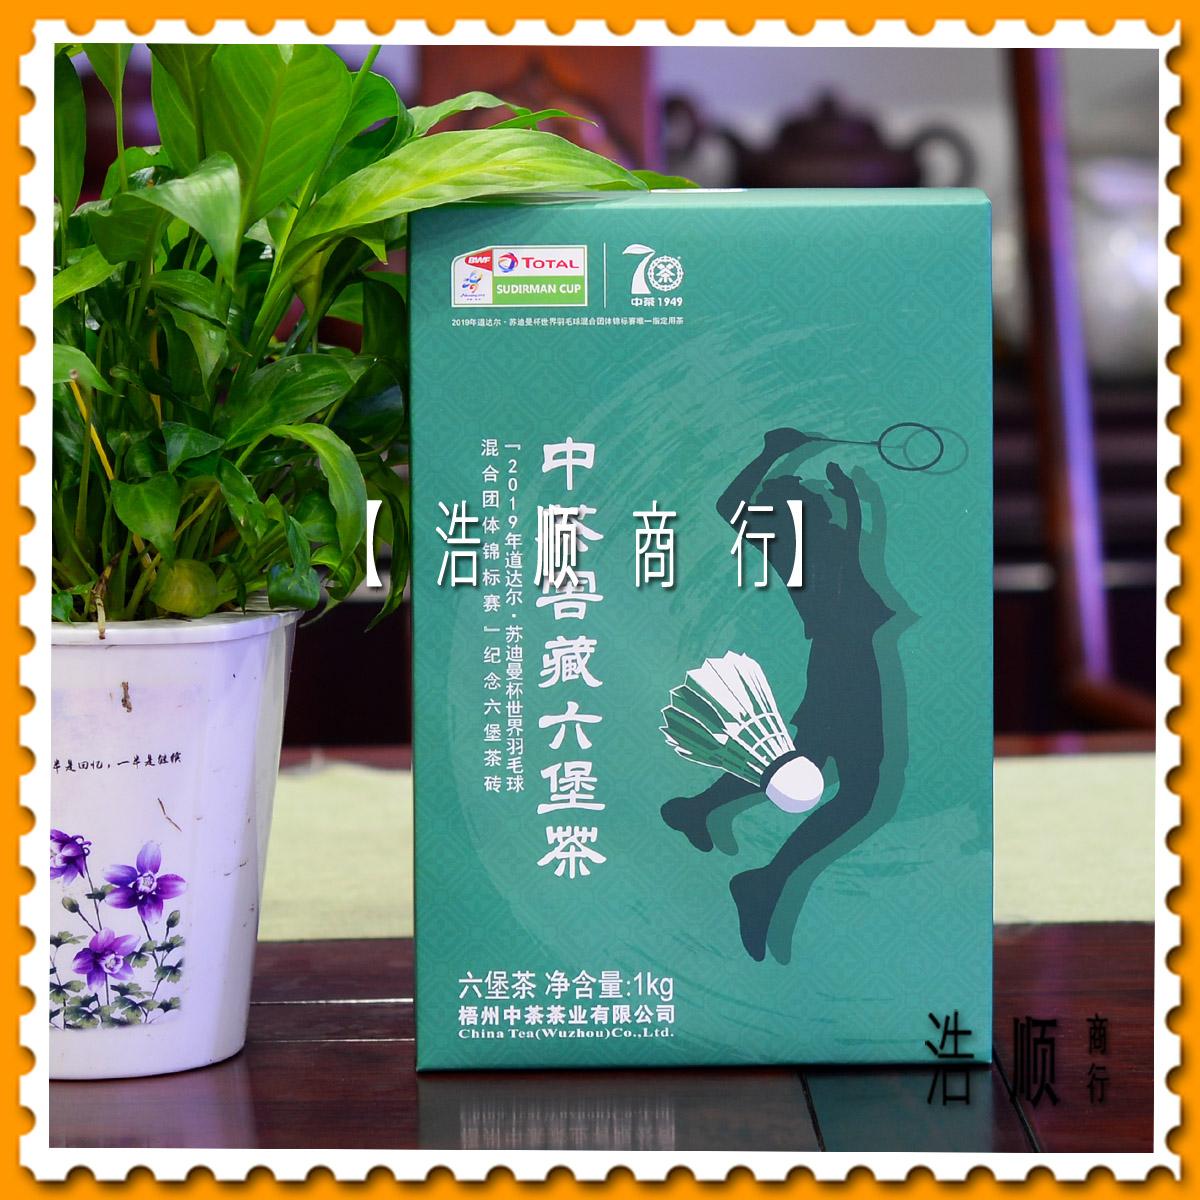 【浩顺商行】梧州中茶2019年苏迪曼杯纪念六堡茶砖9053(1公斤)